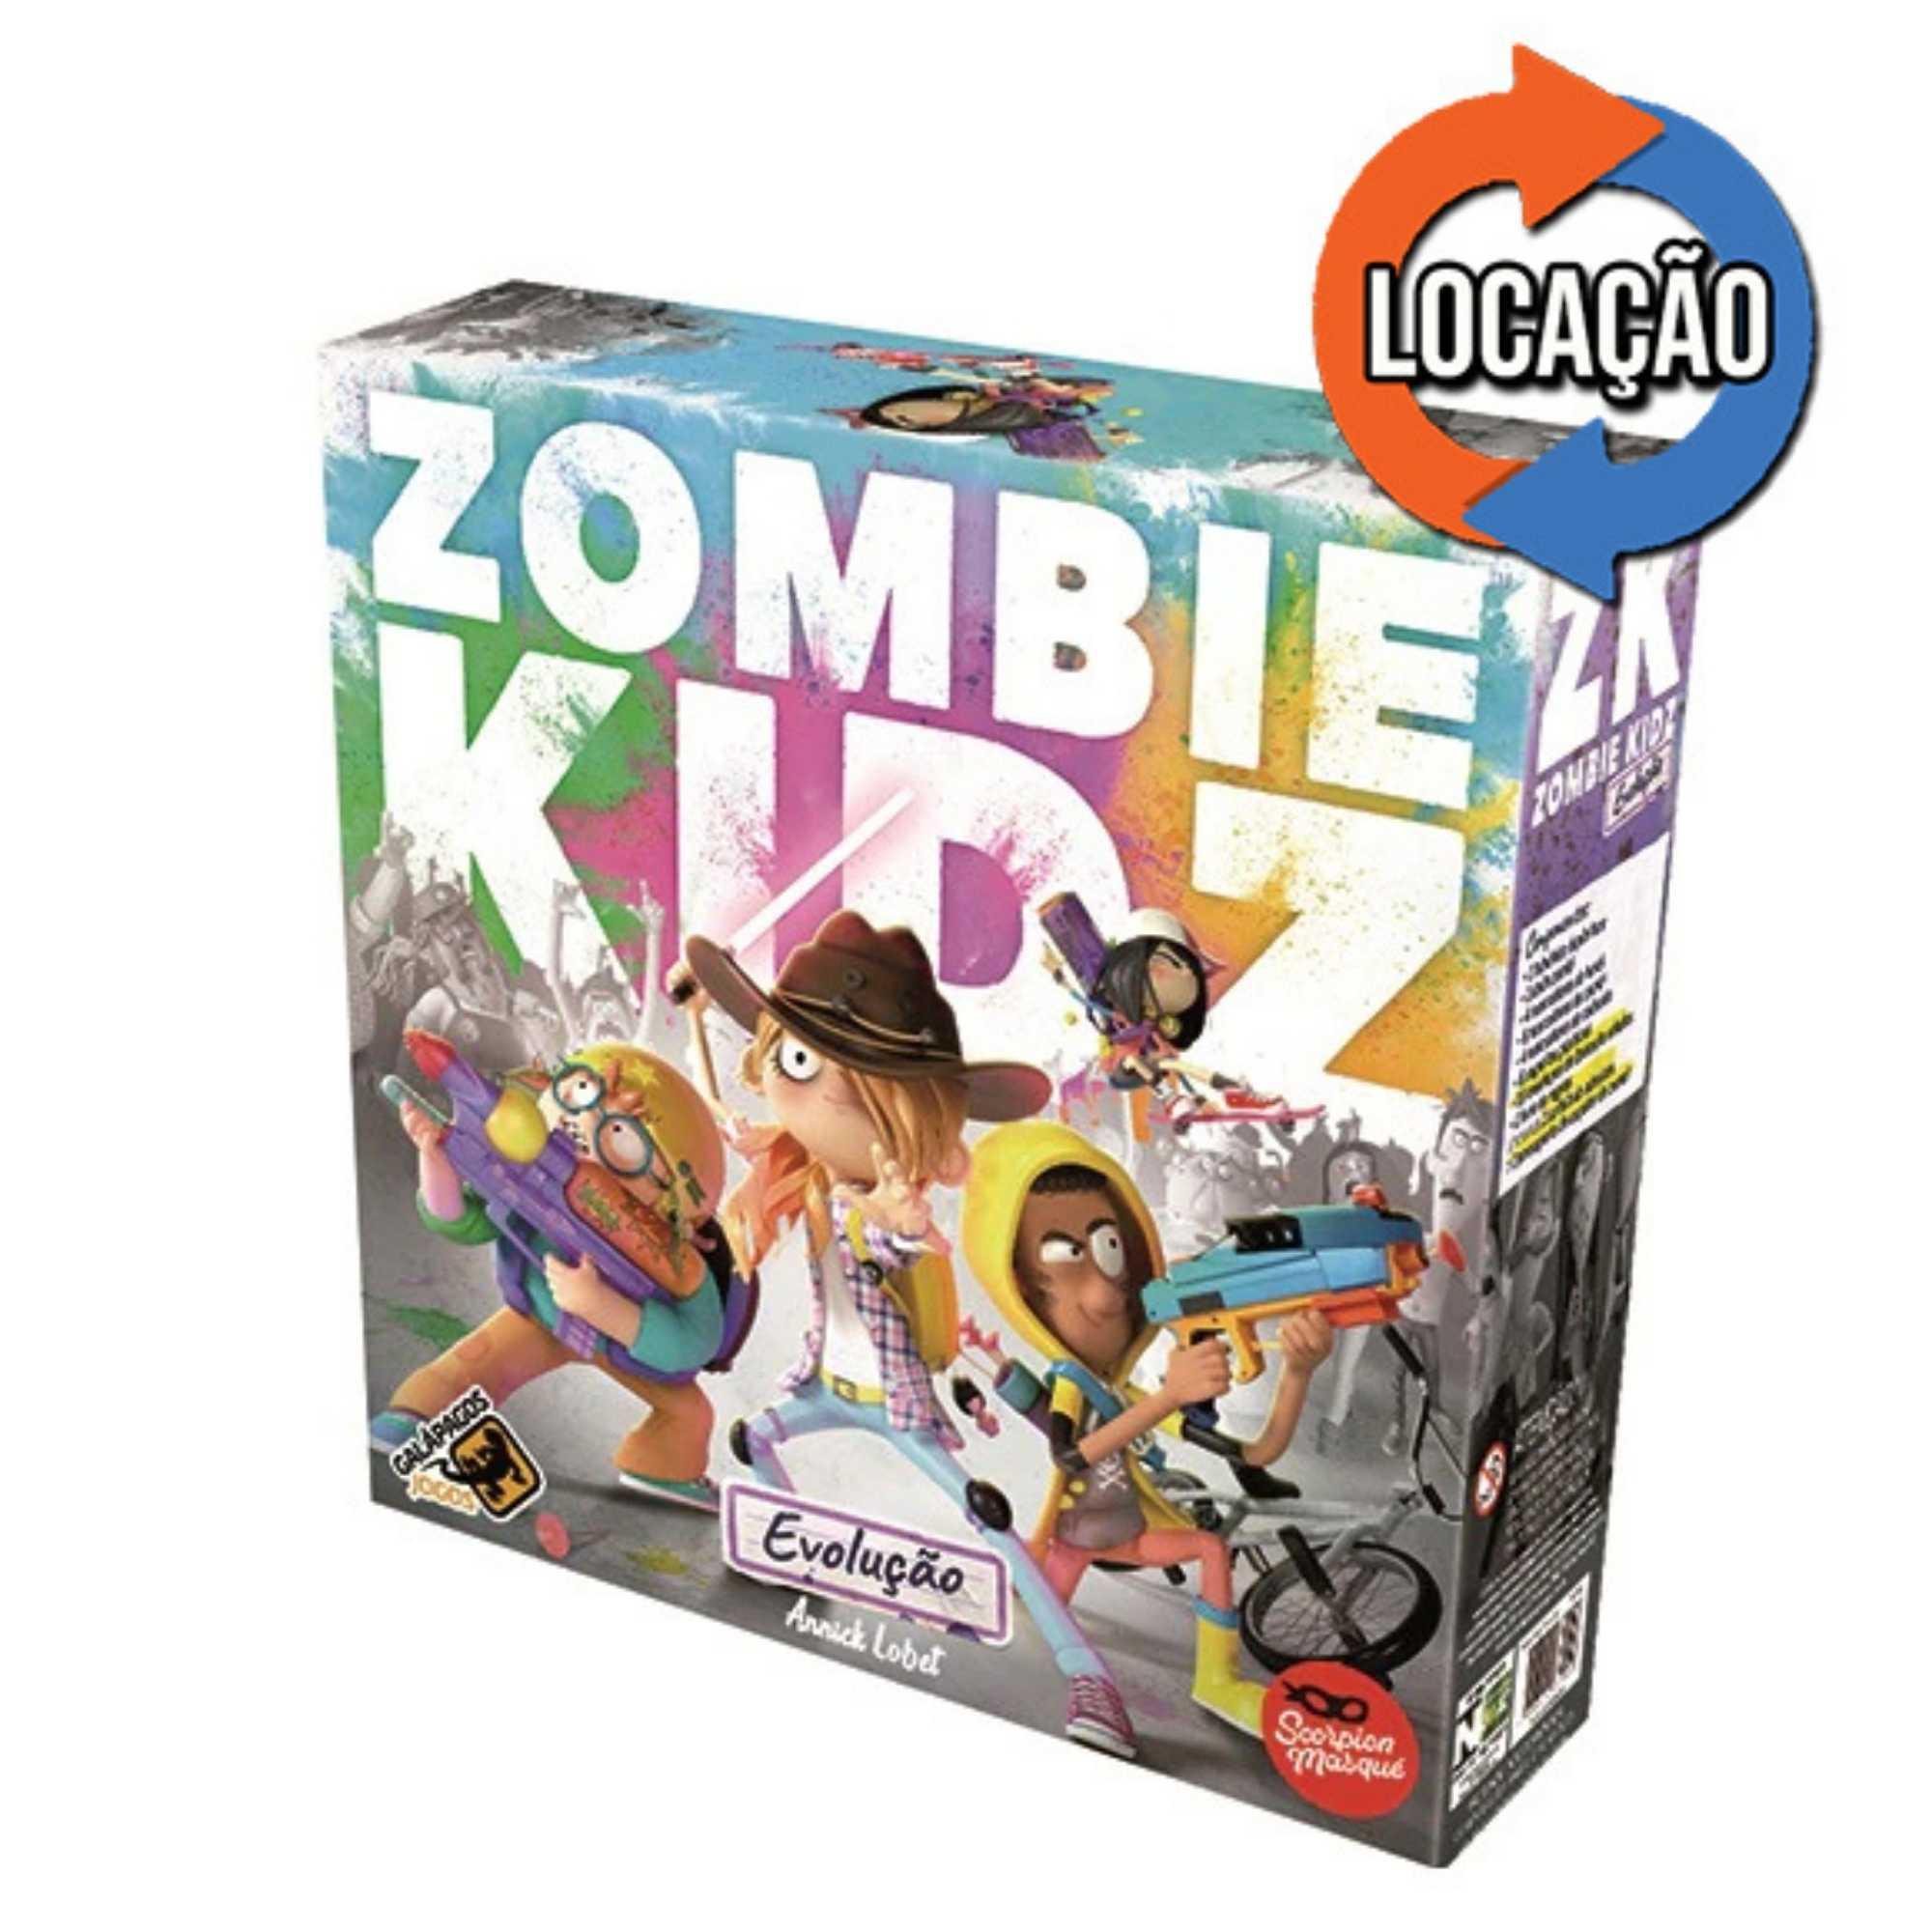 Zombie Kidz: Evolução (Locação)